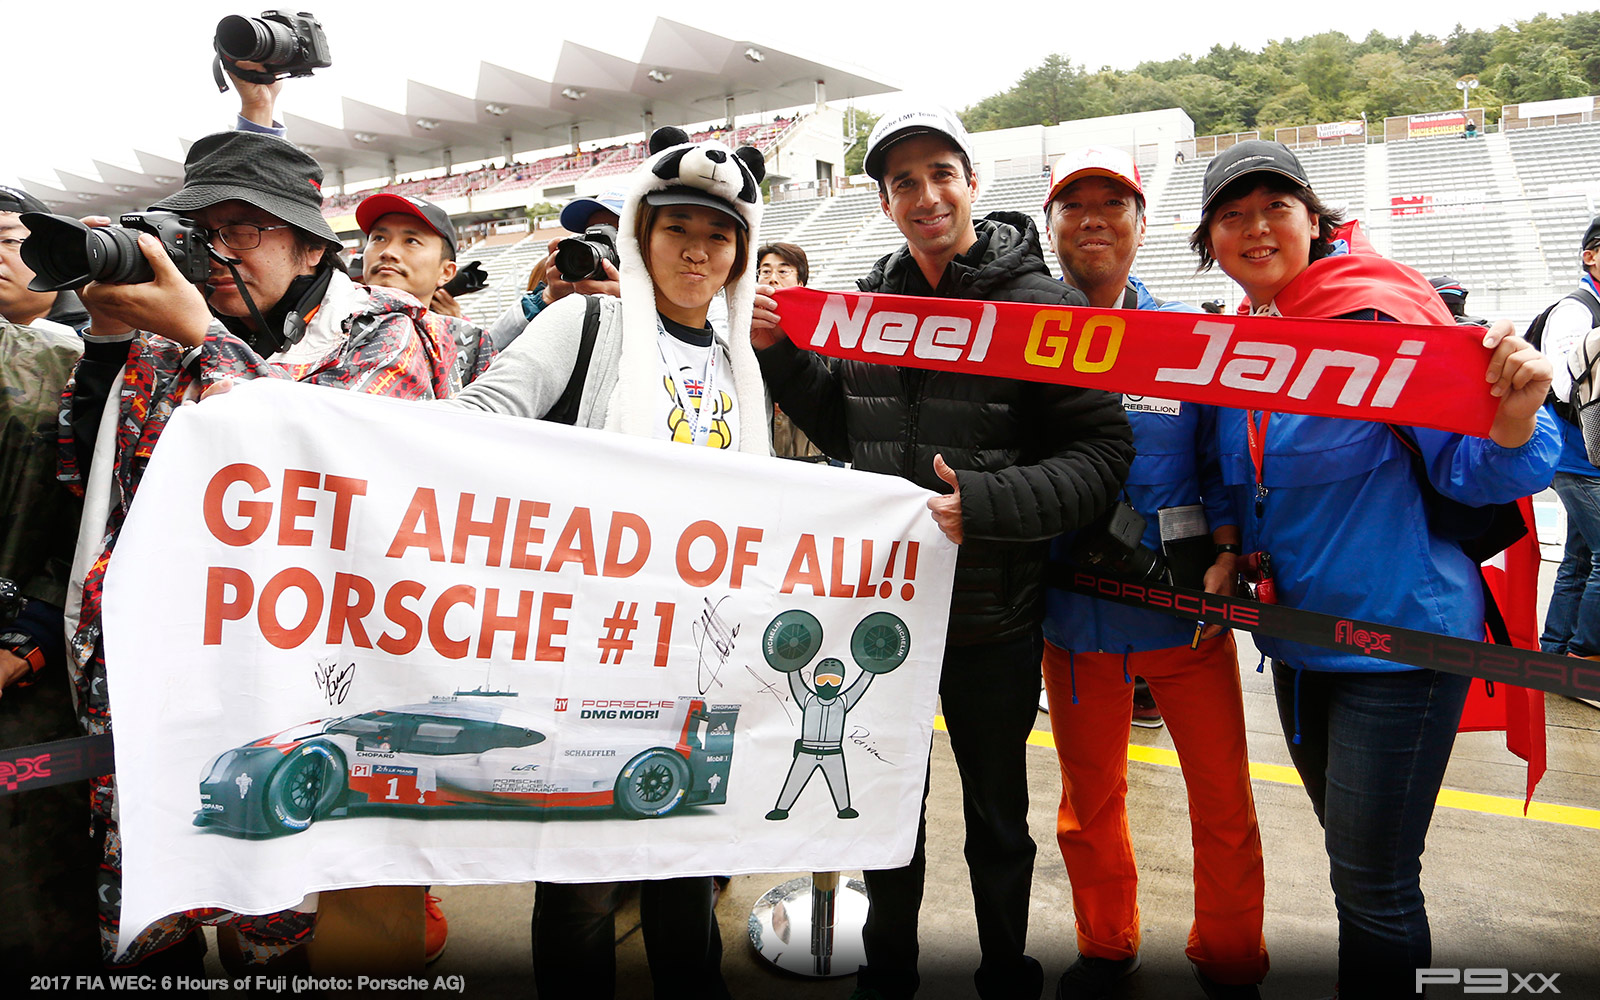 2017-FIA-WEC-6h-of-Fuji-Porsche-413